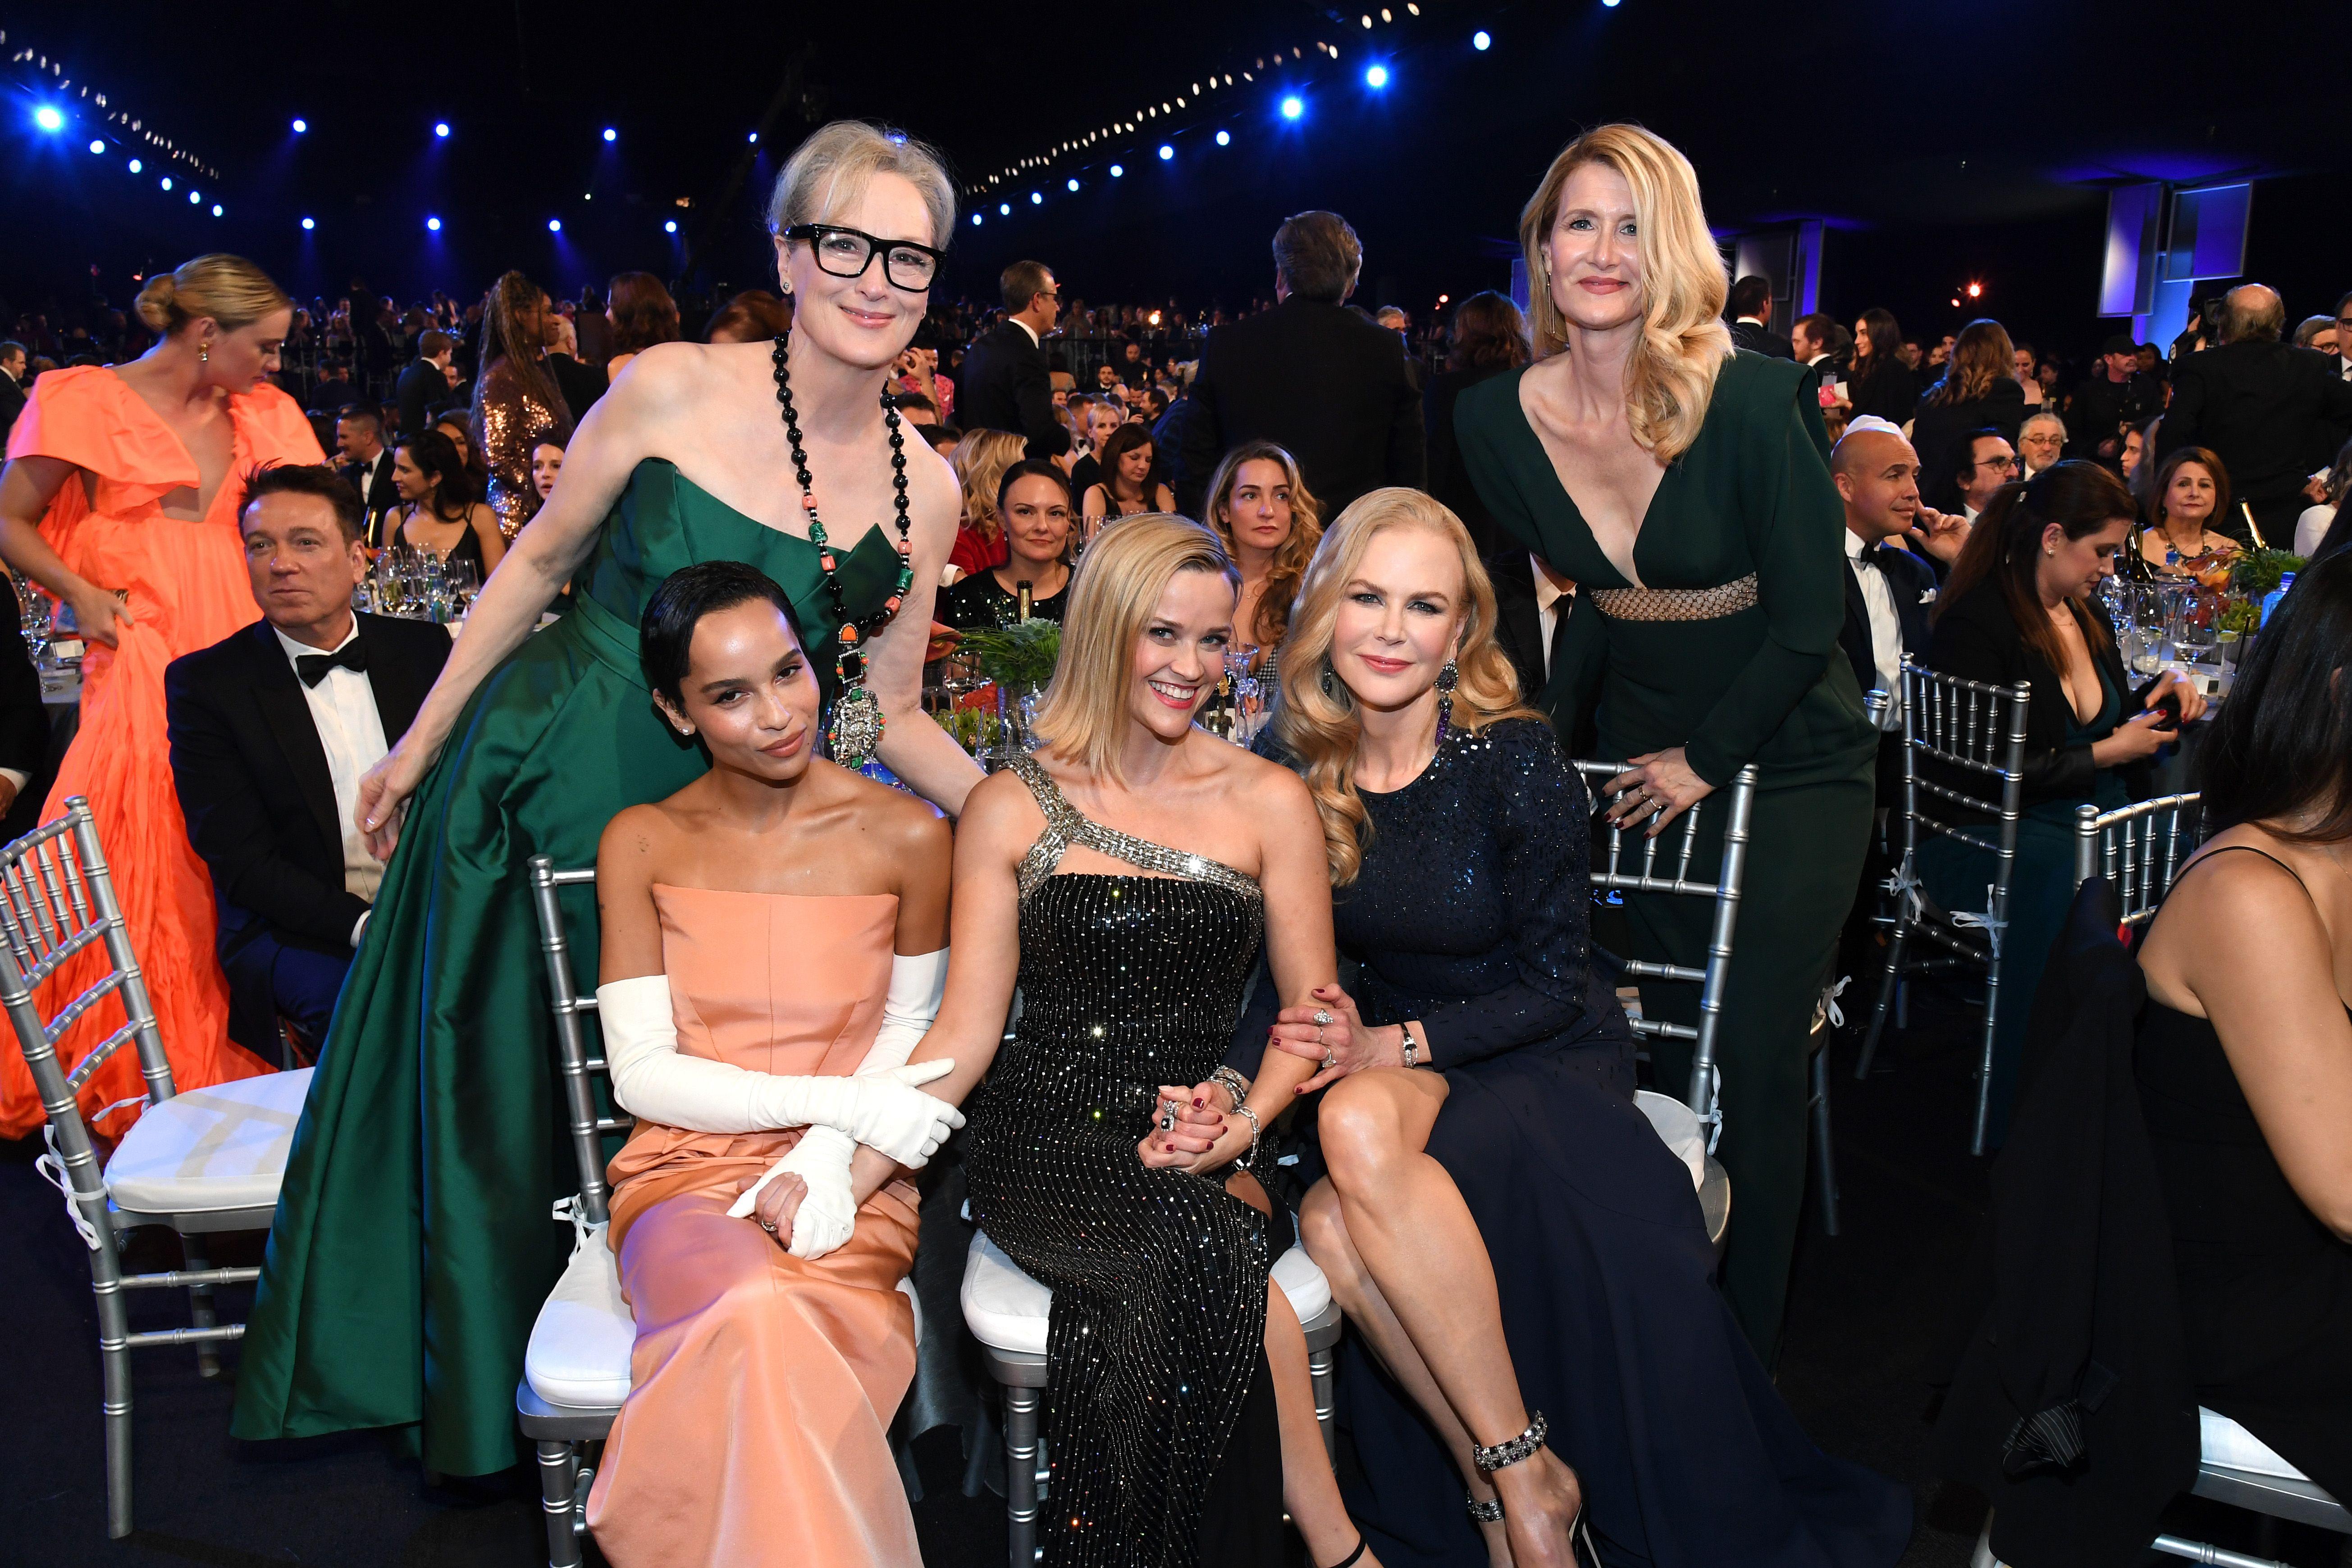 Everyone Looked Devastatingly Hot at the SAG Awards